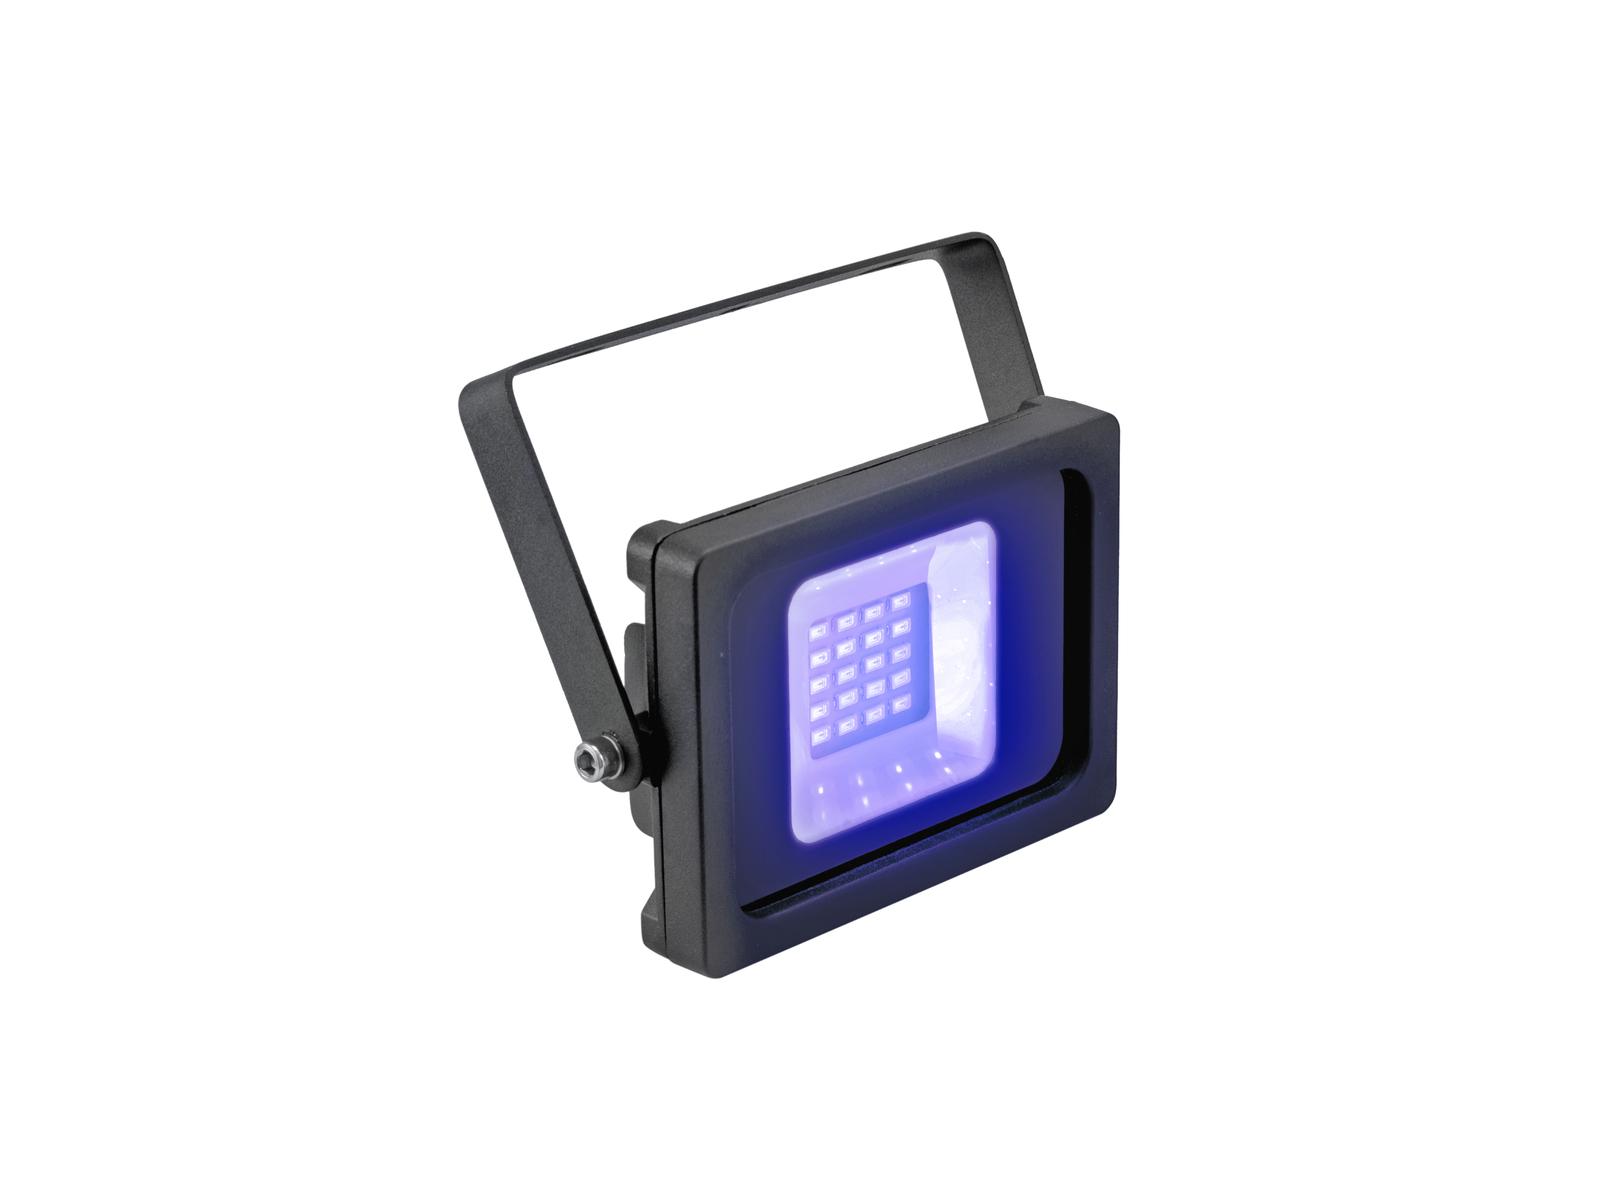 EUROLITE LED IP FL-10 SMD UV